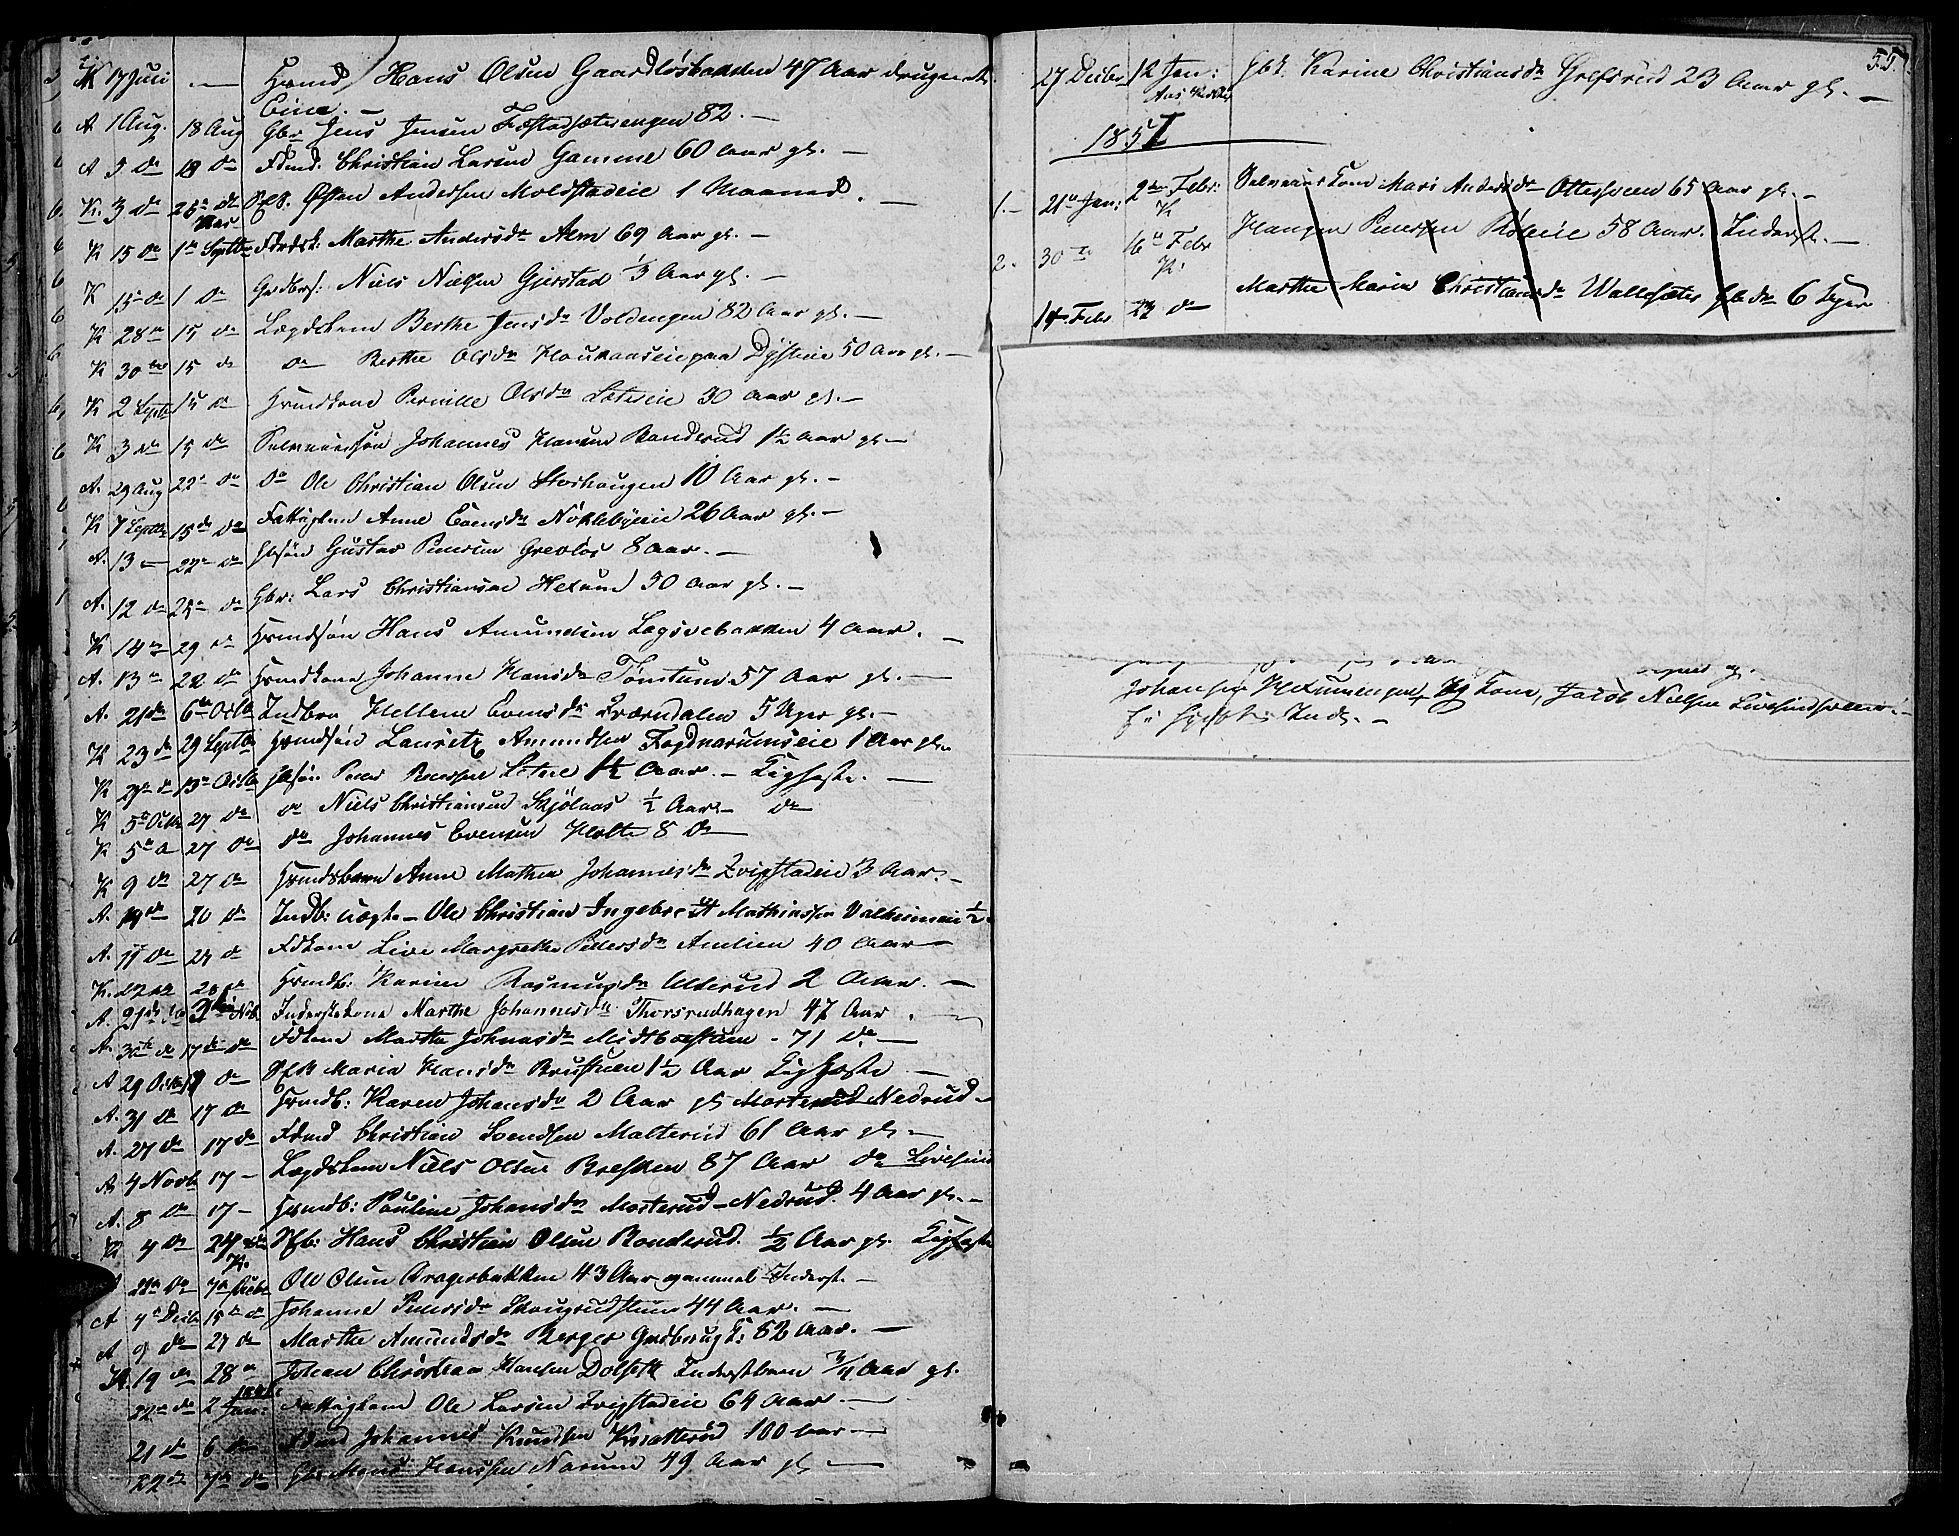 SAH, Vestre Toten prestekontor, H/Ha/Hab/L0003: Klokkerbok nr. 3, 1846-1854, s. 55